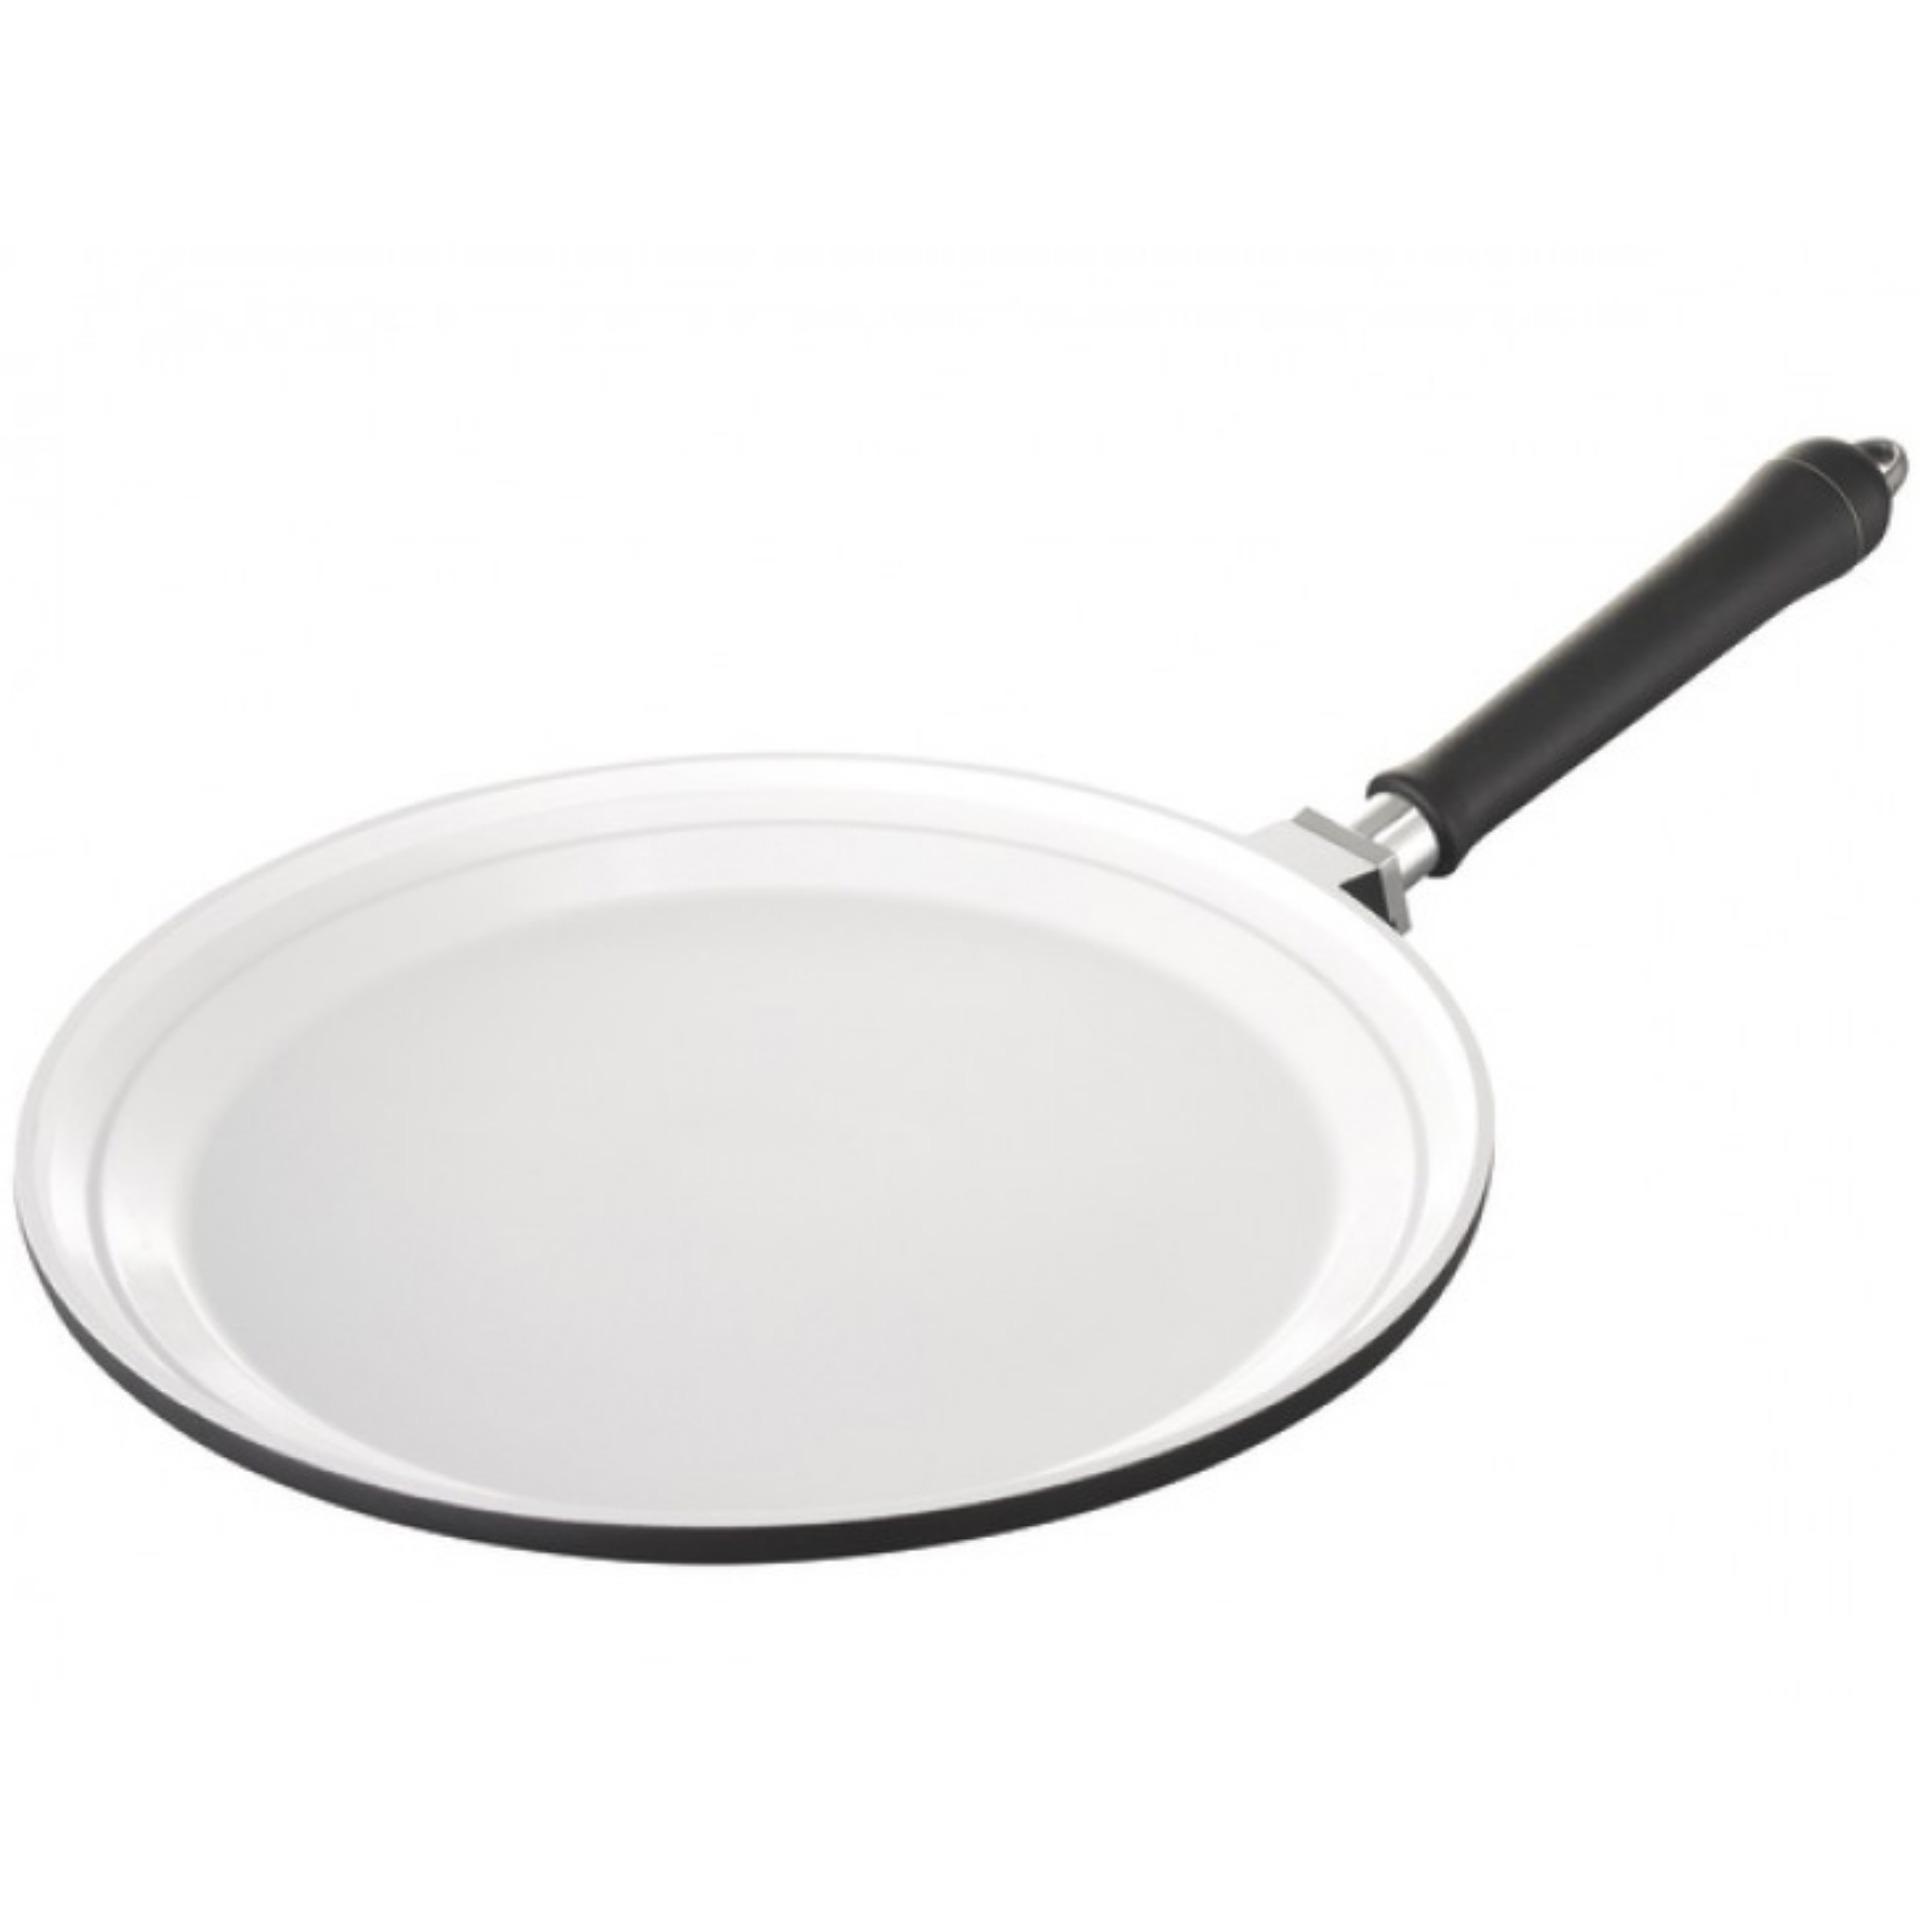 Chảo Rán Bánh Chống Dính Ceramic Gorenje CW28PCP